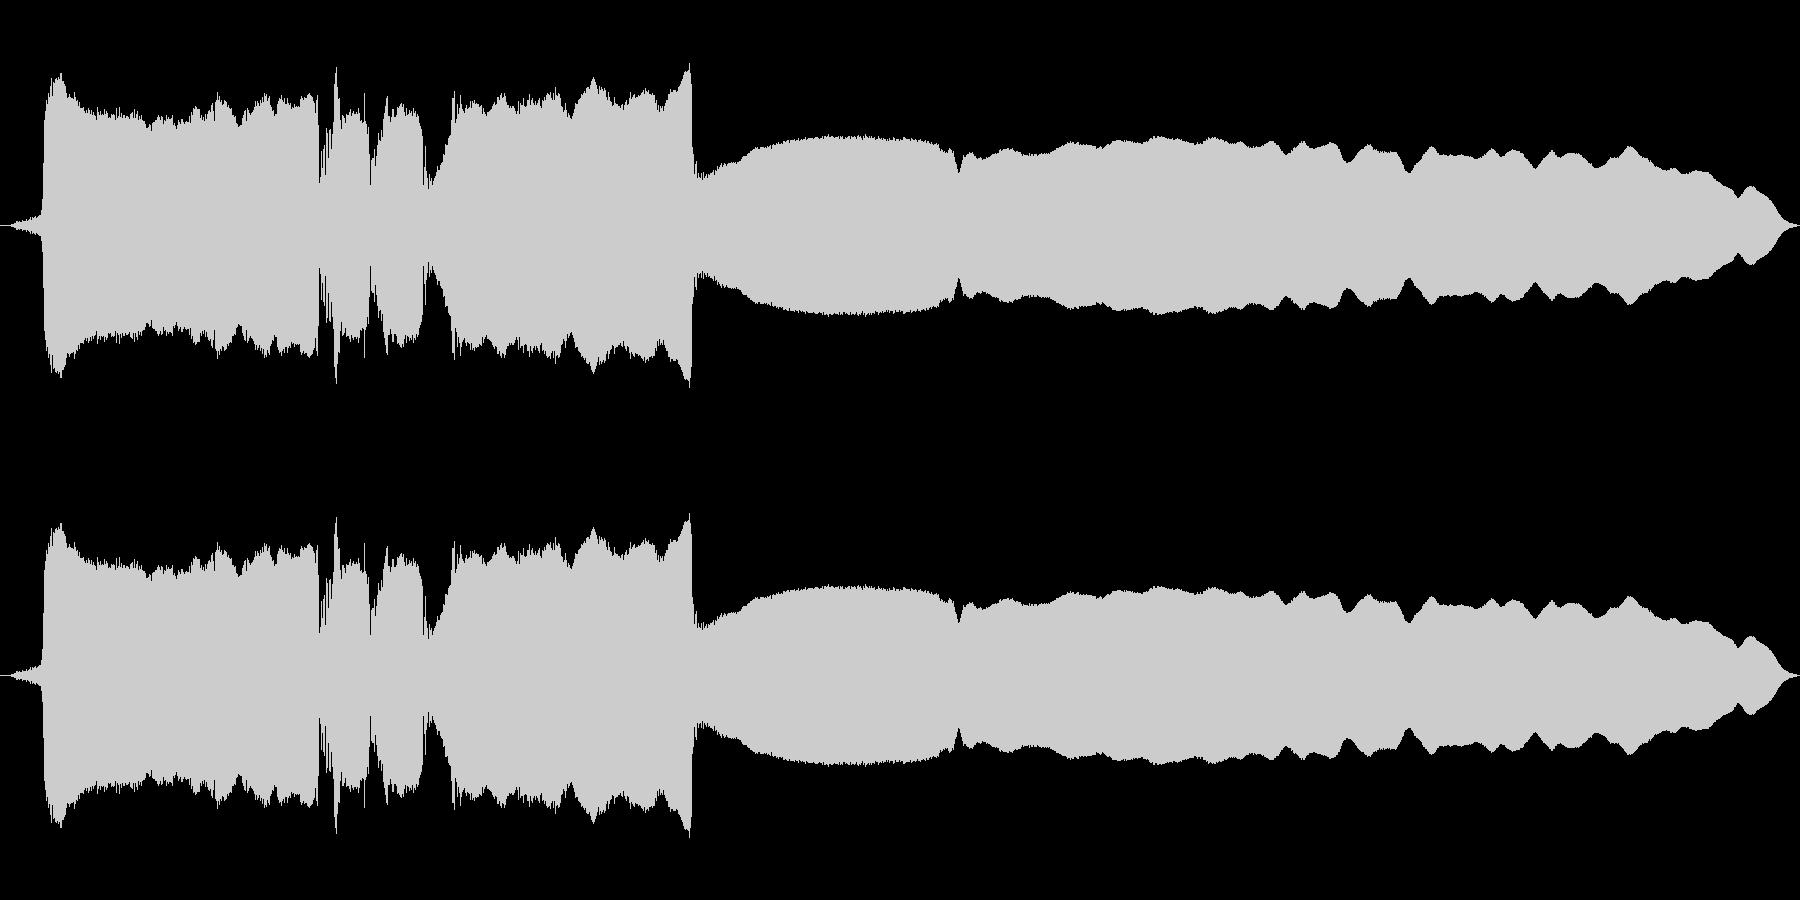 こぶし03(D)の未再生の波形